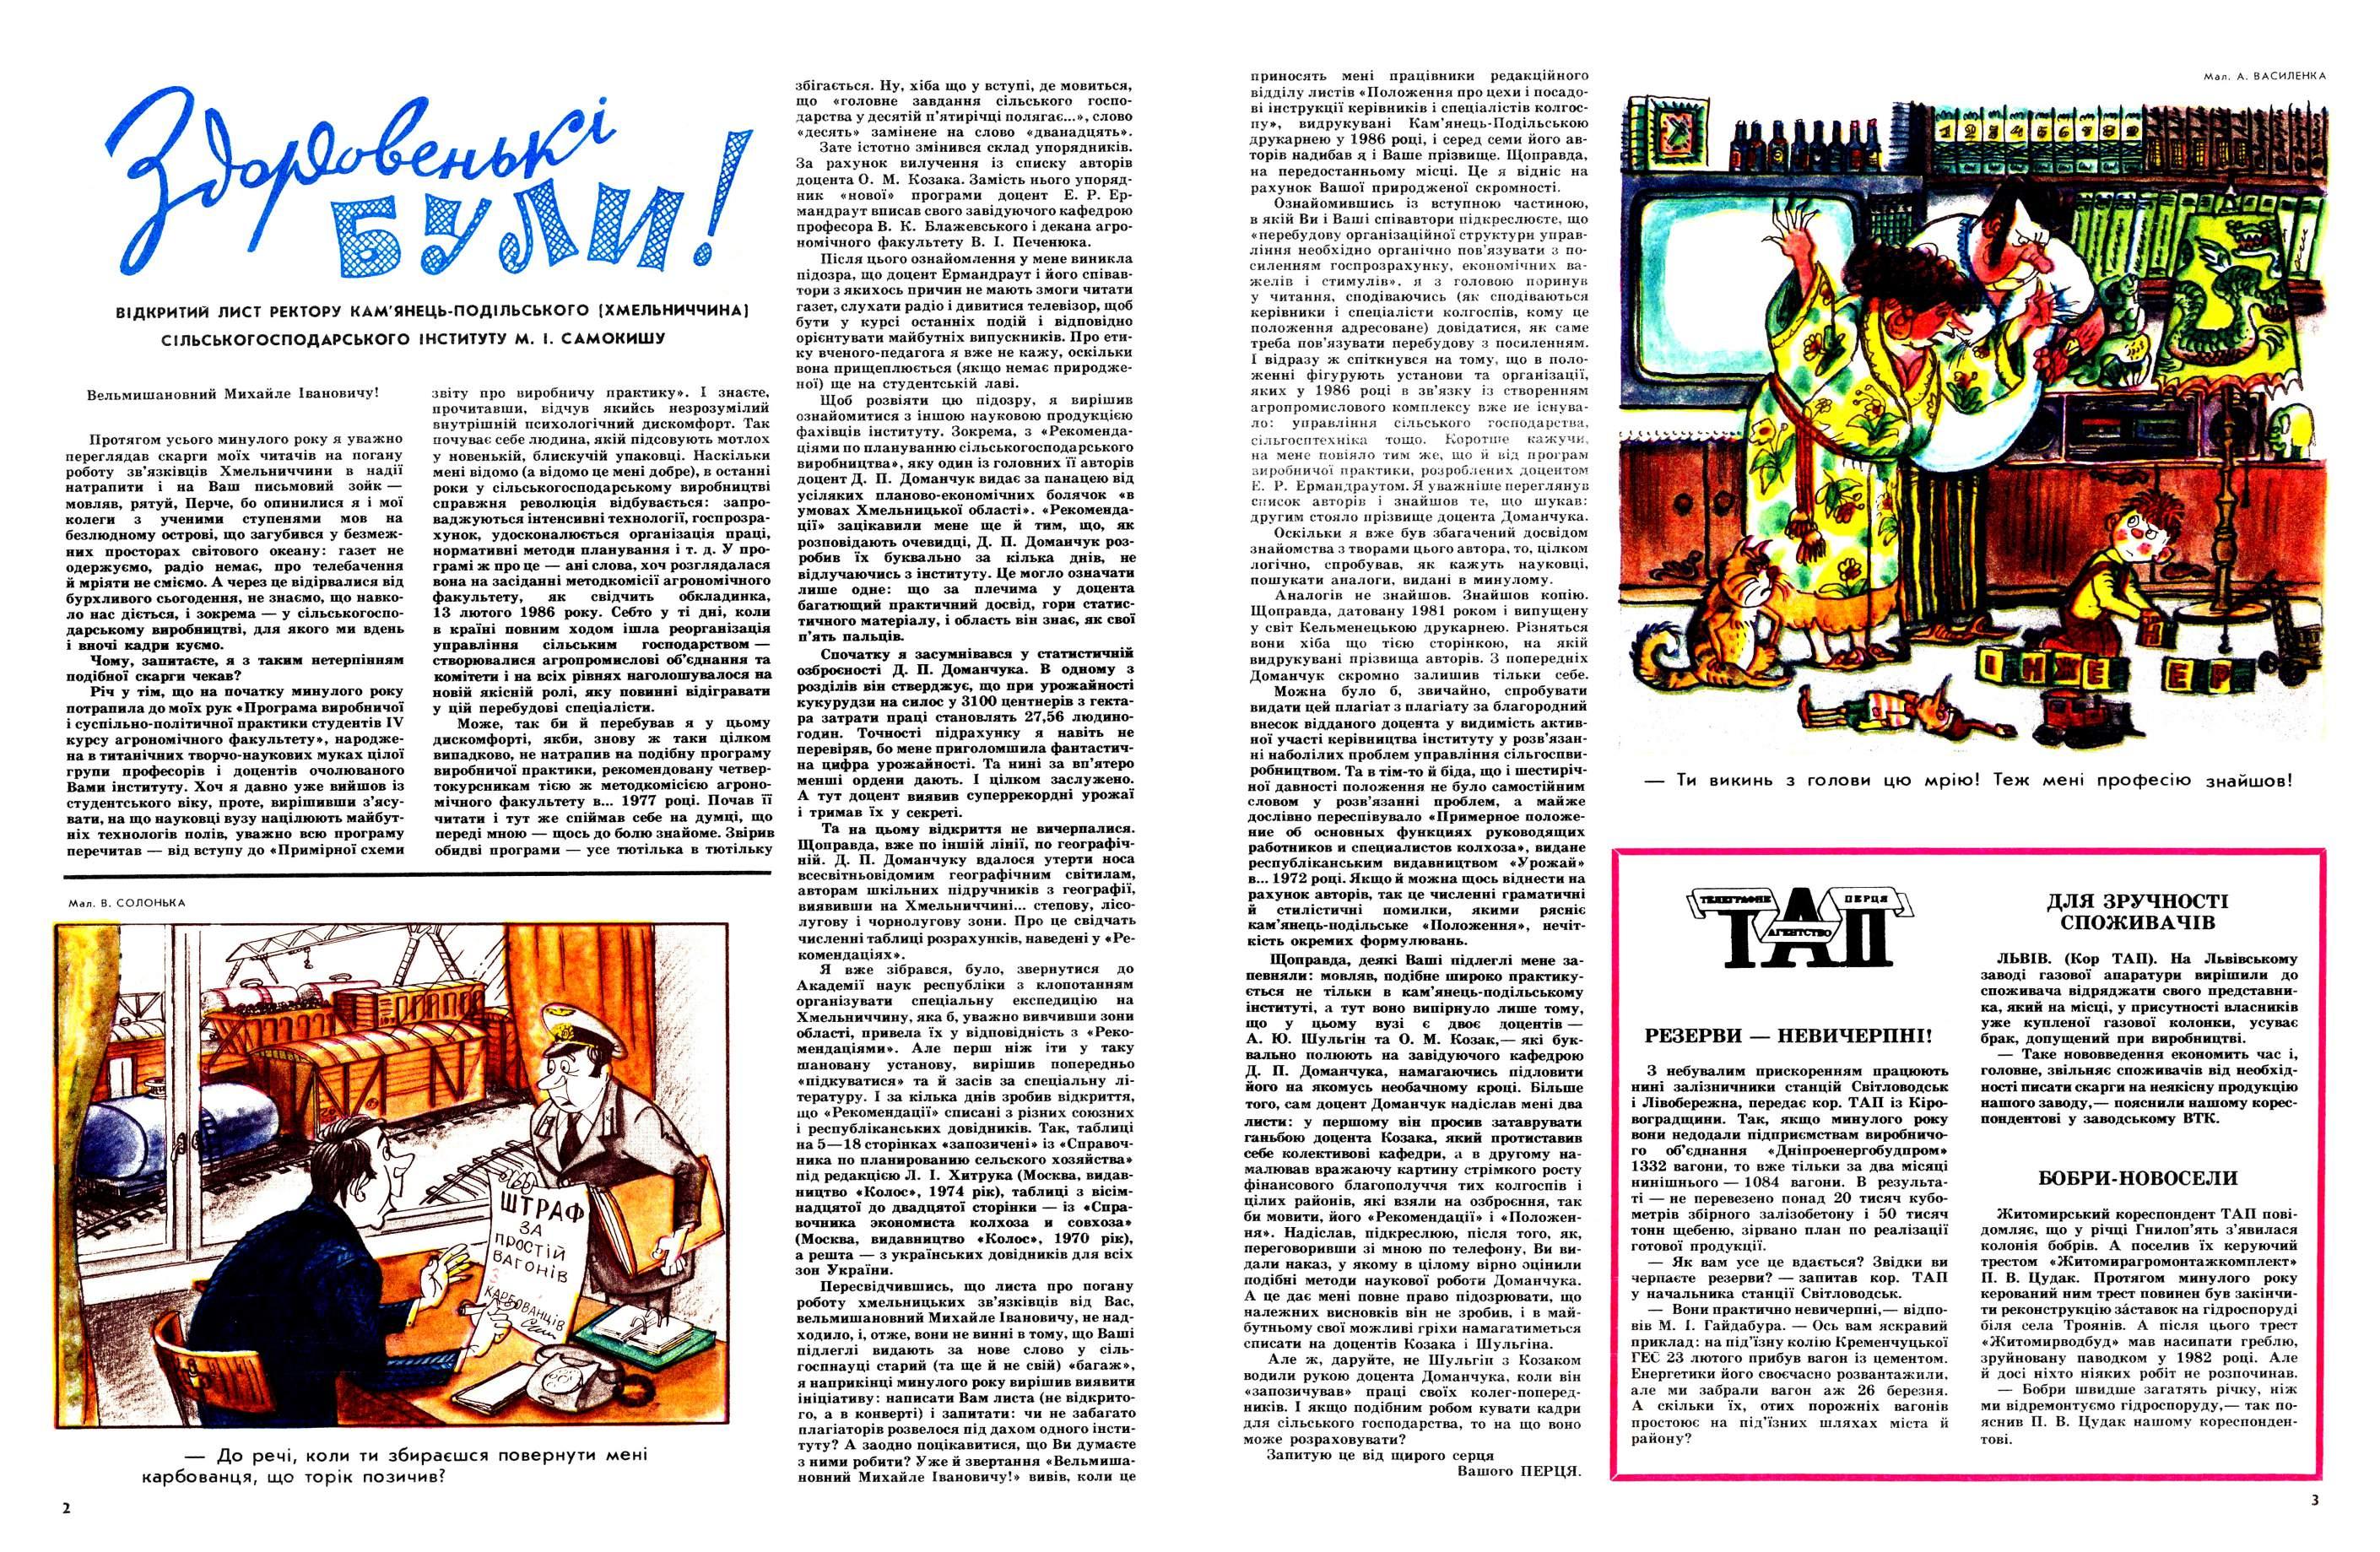 Журнал перець 1987 №11